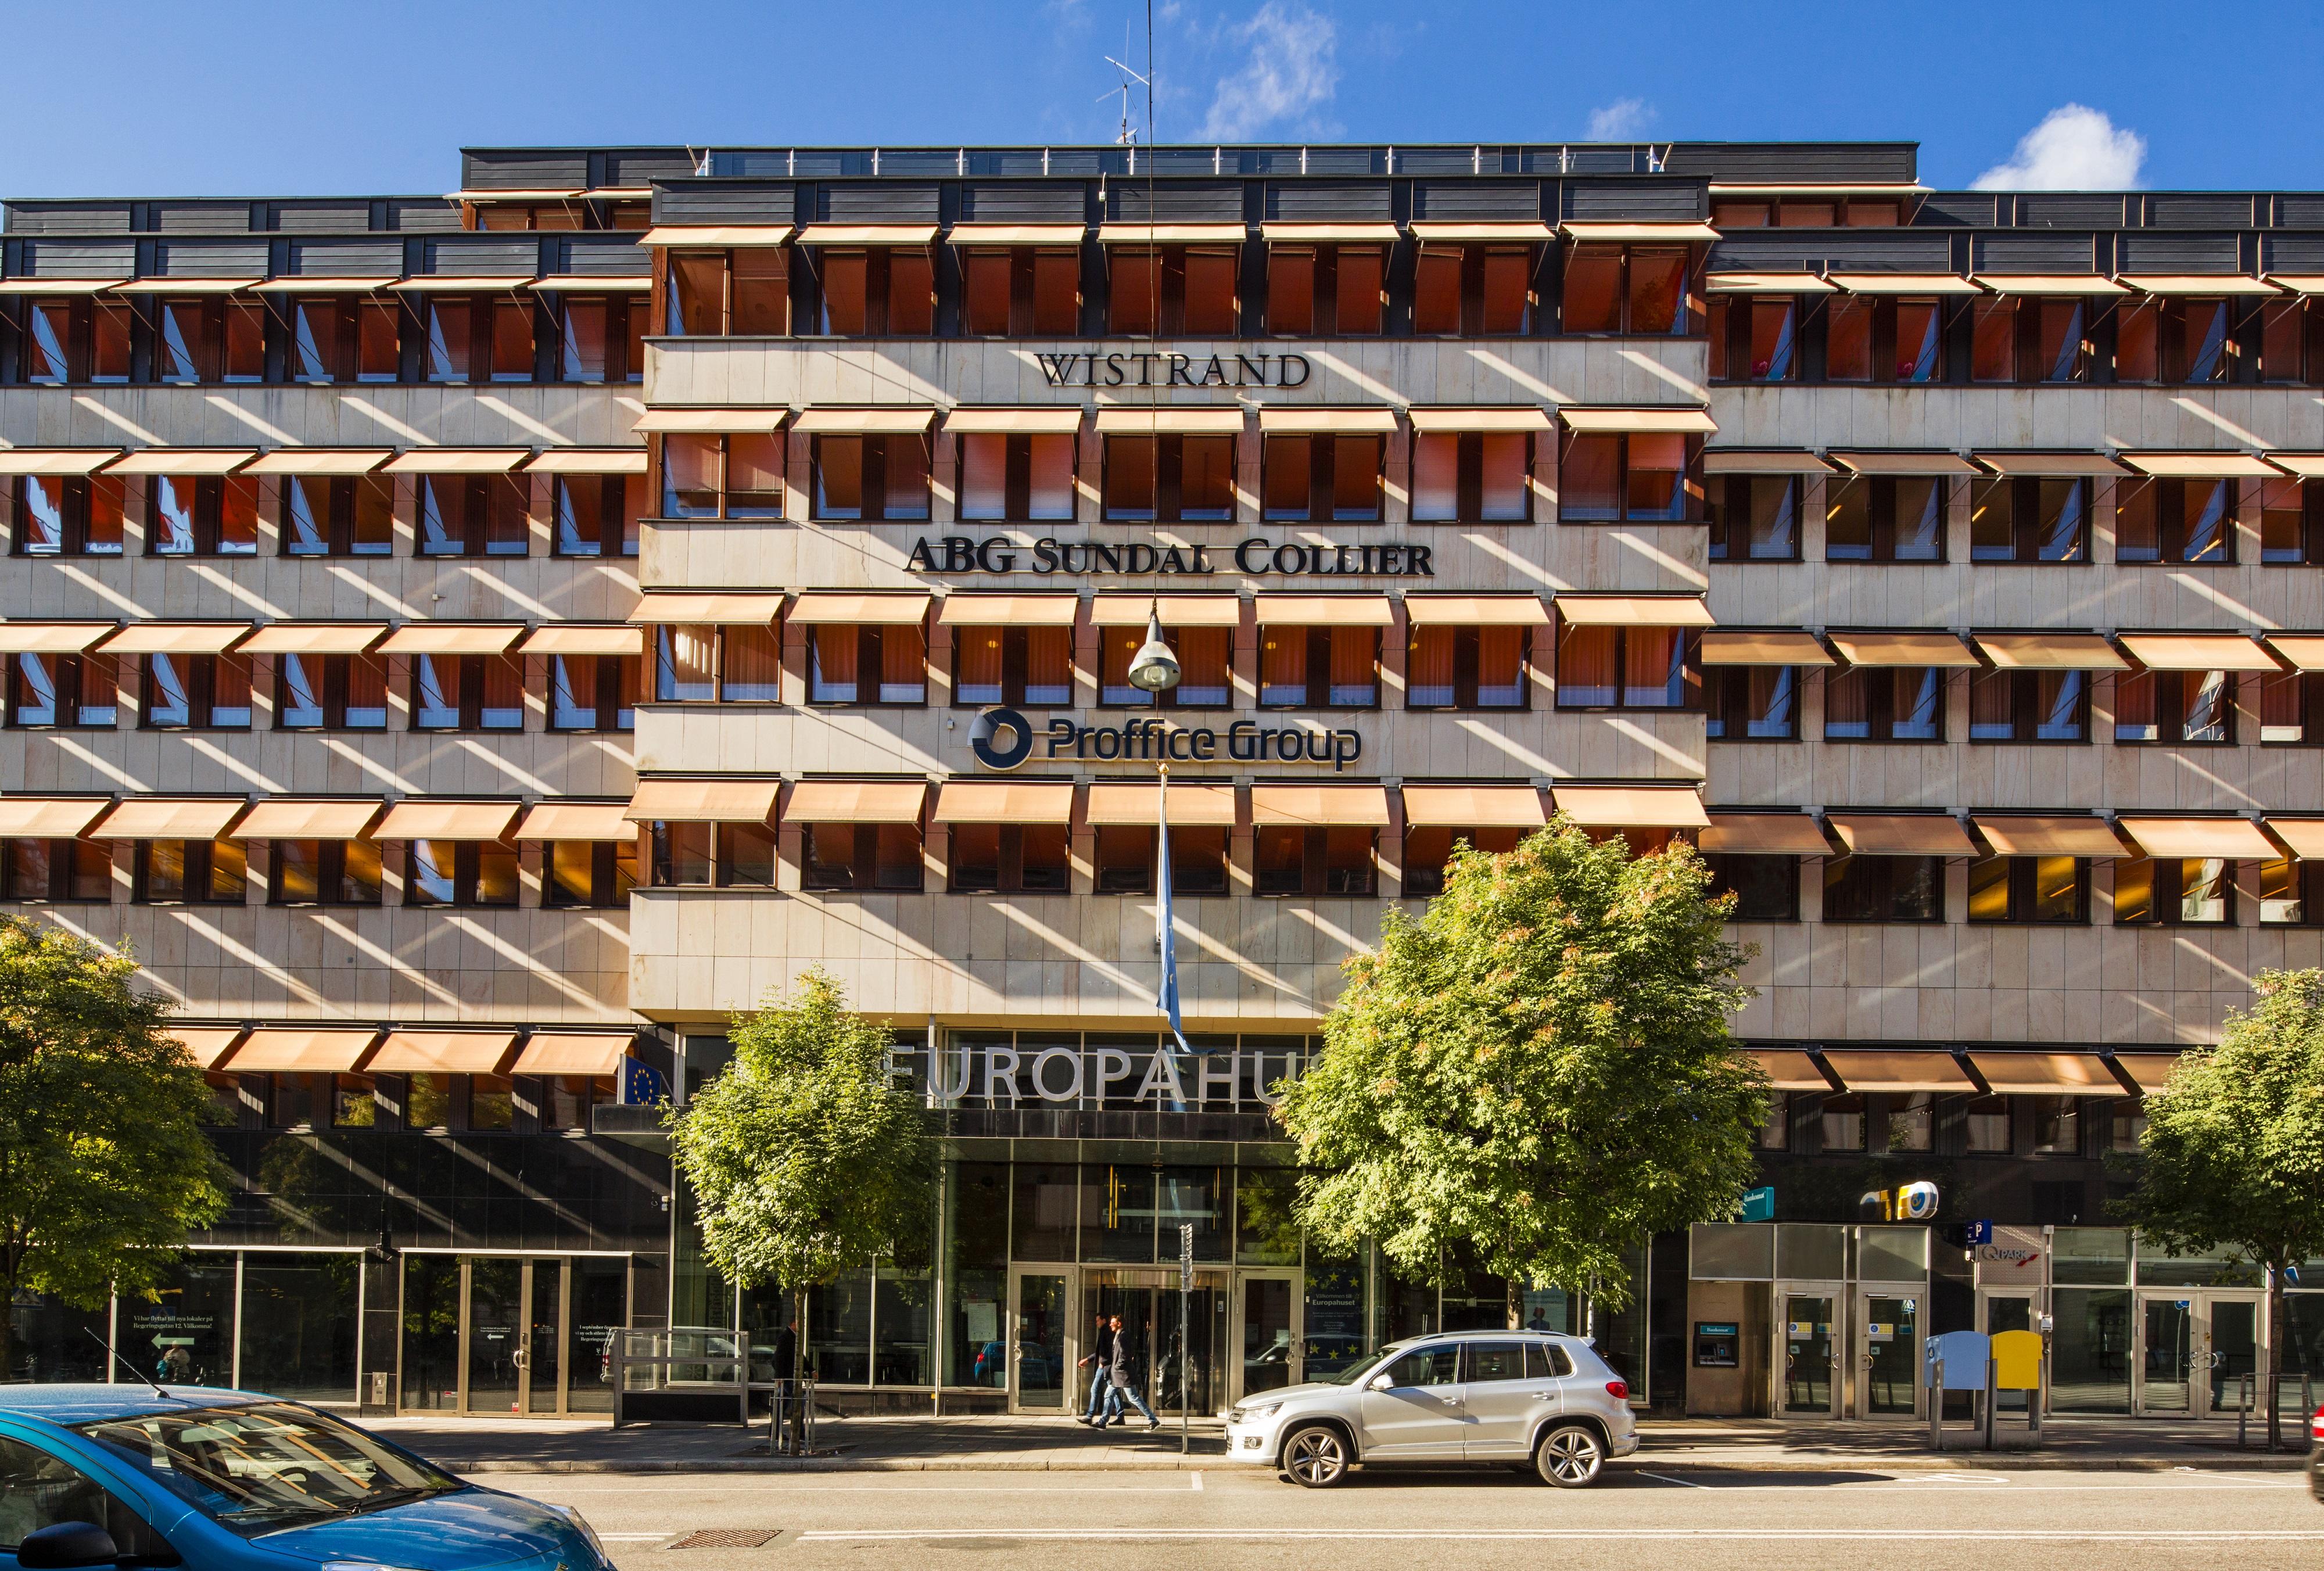 Projektering av ombyggnation av kontorsfastigheter med Arcona som beställare med uppdrag från AMF Fastigheter AB